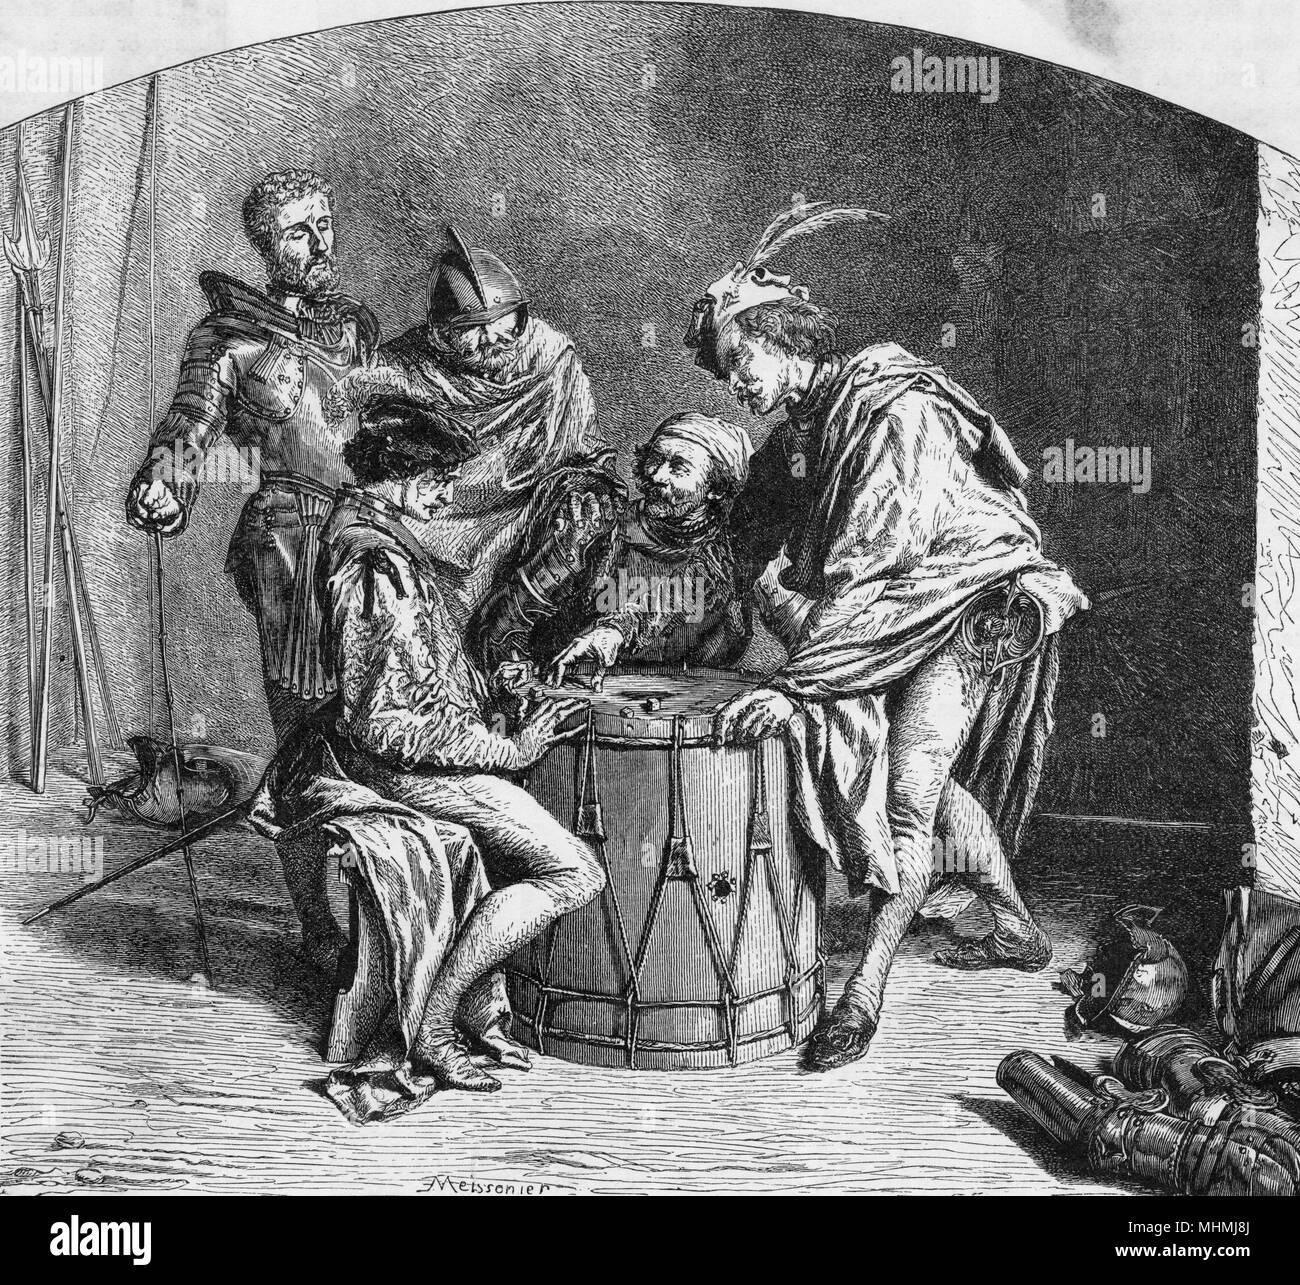 Soldati giocare ai dadi, utilizzando un tamburo di grandi dimensioni come la loro tabella Data: XIX secolo Immagini Stock